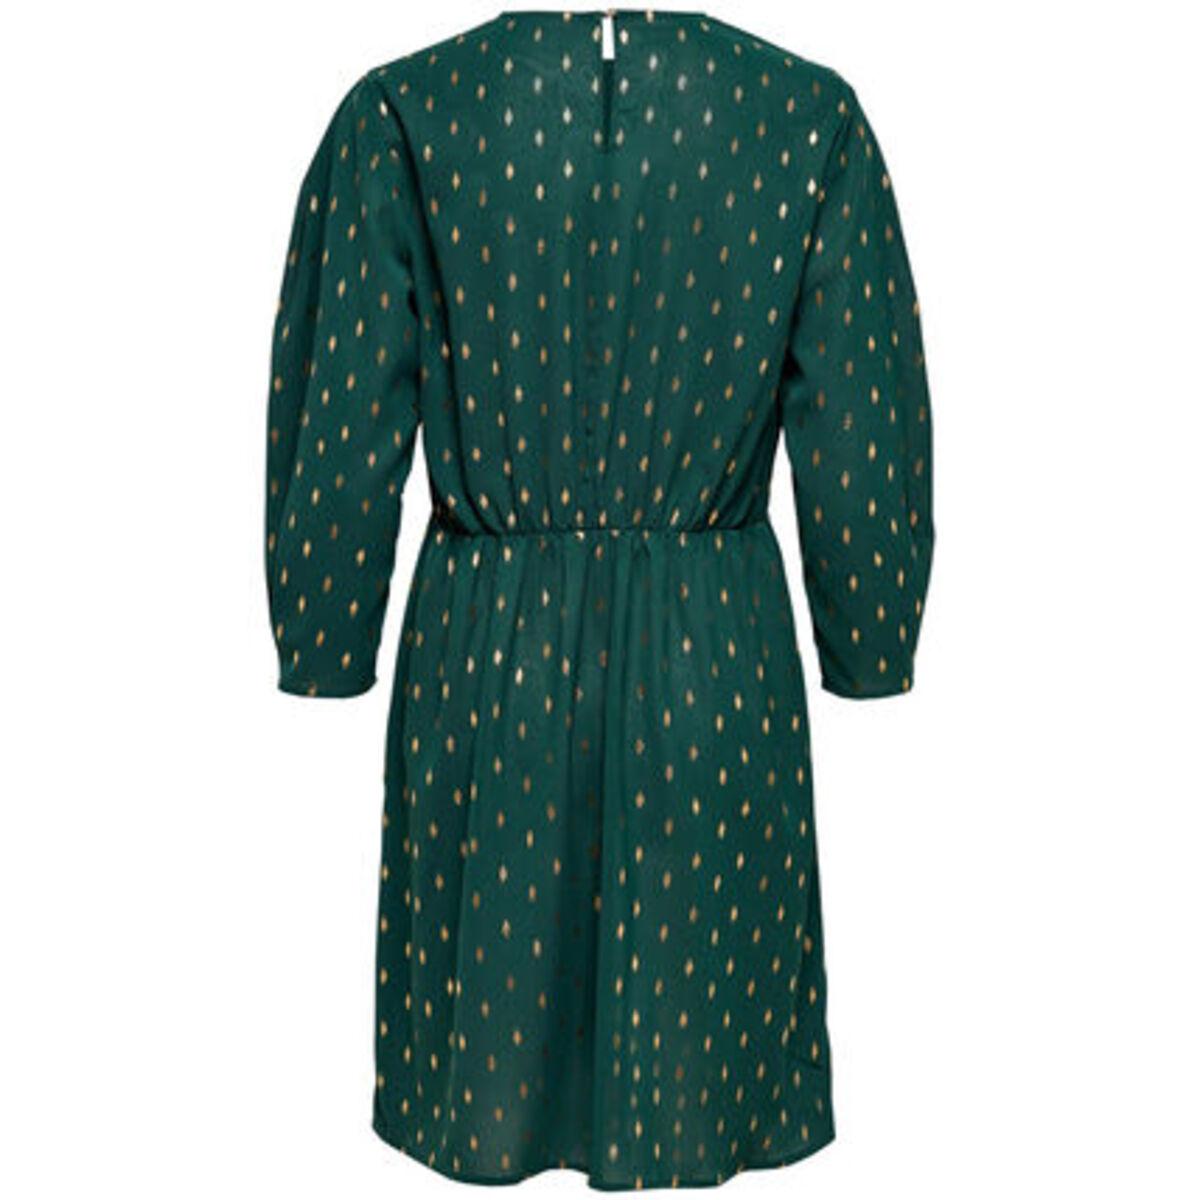 Bild 2 von Only Kleid, Allover-Print, dezente Ballonärmel, tailliert, für Damen